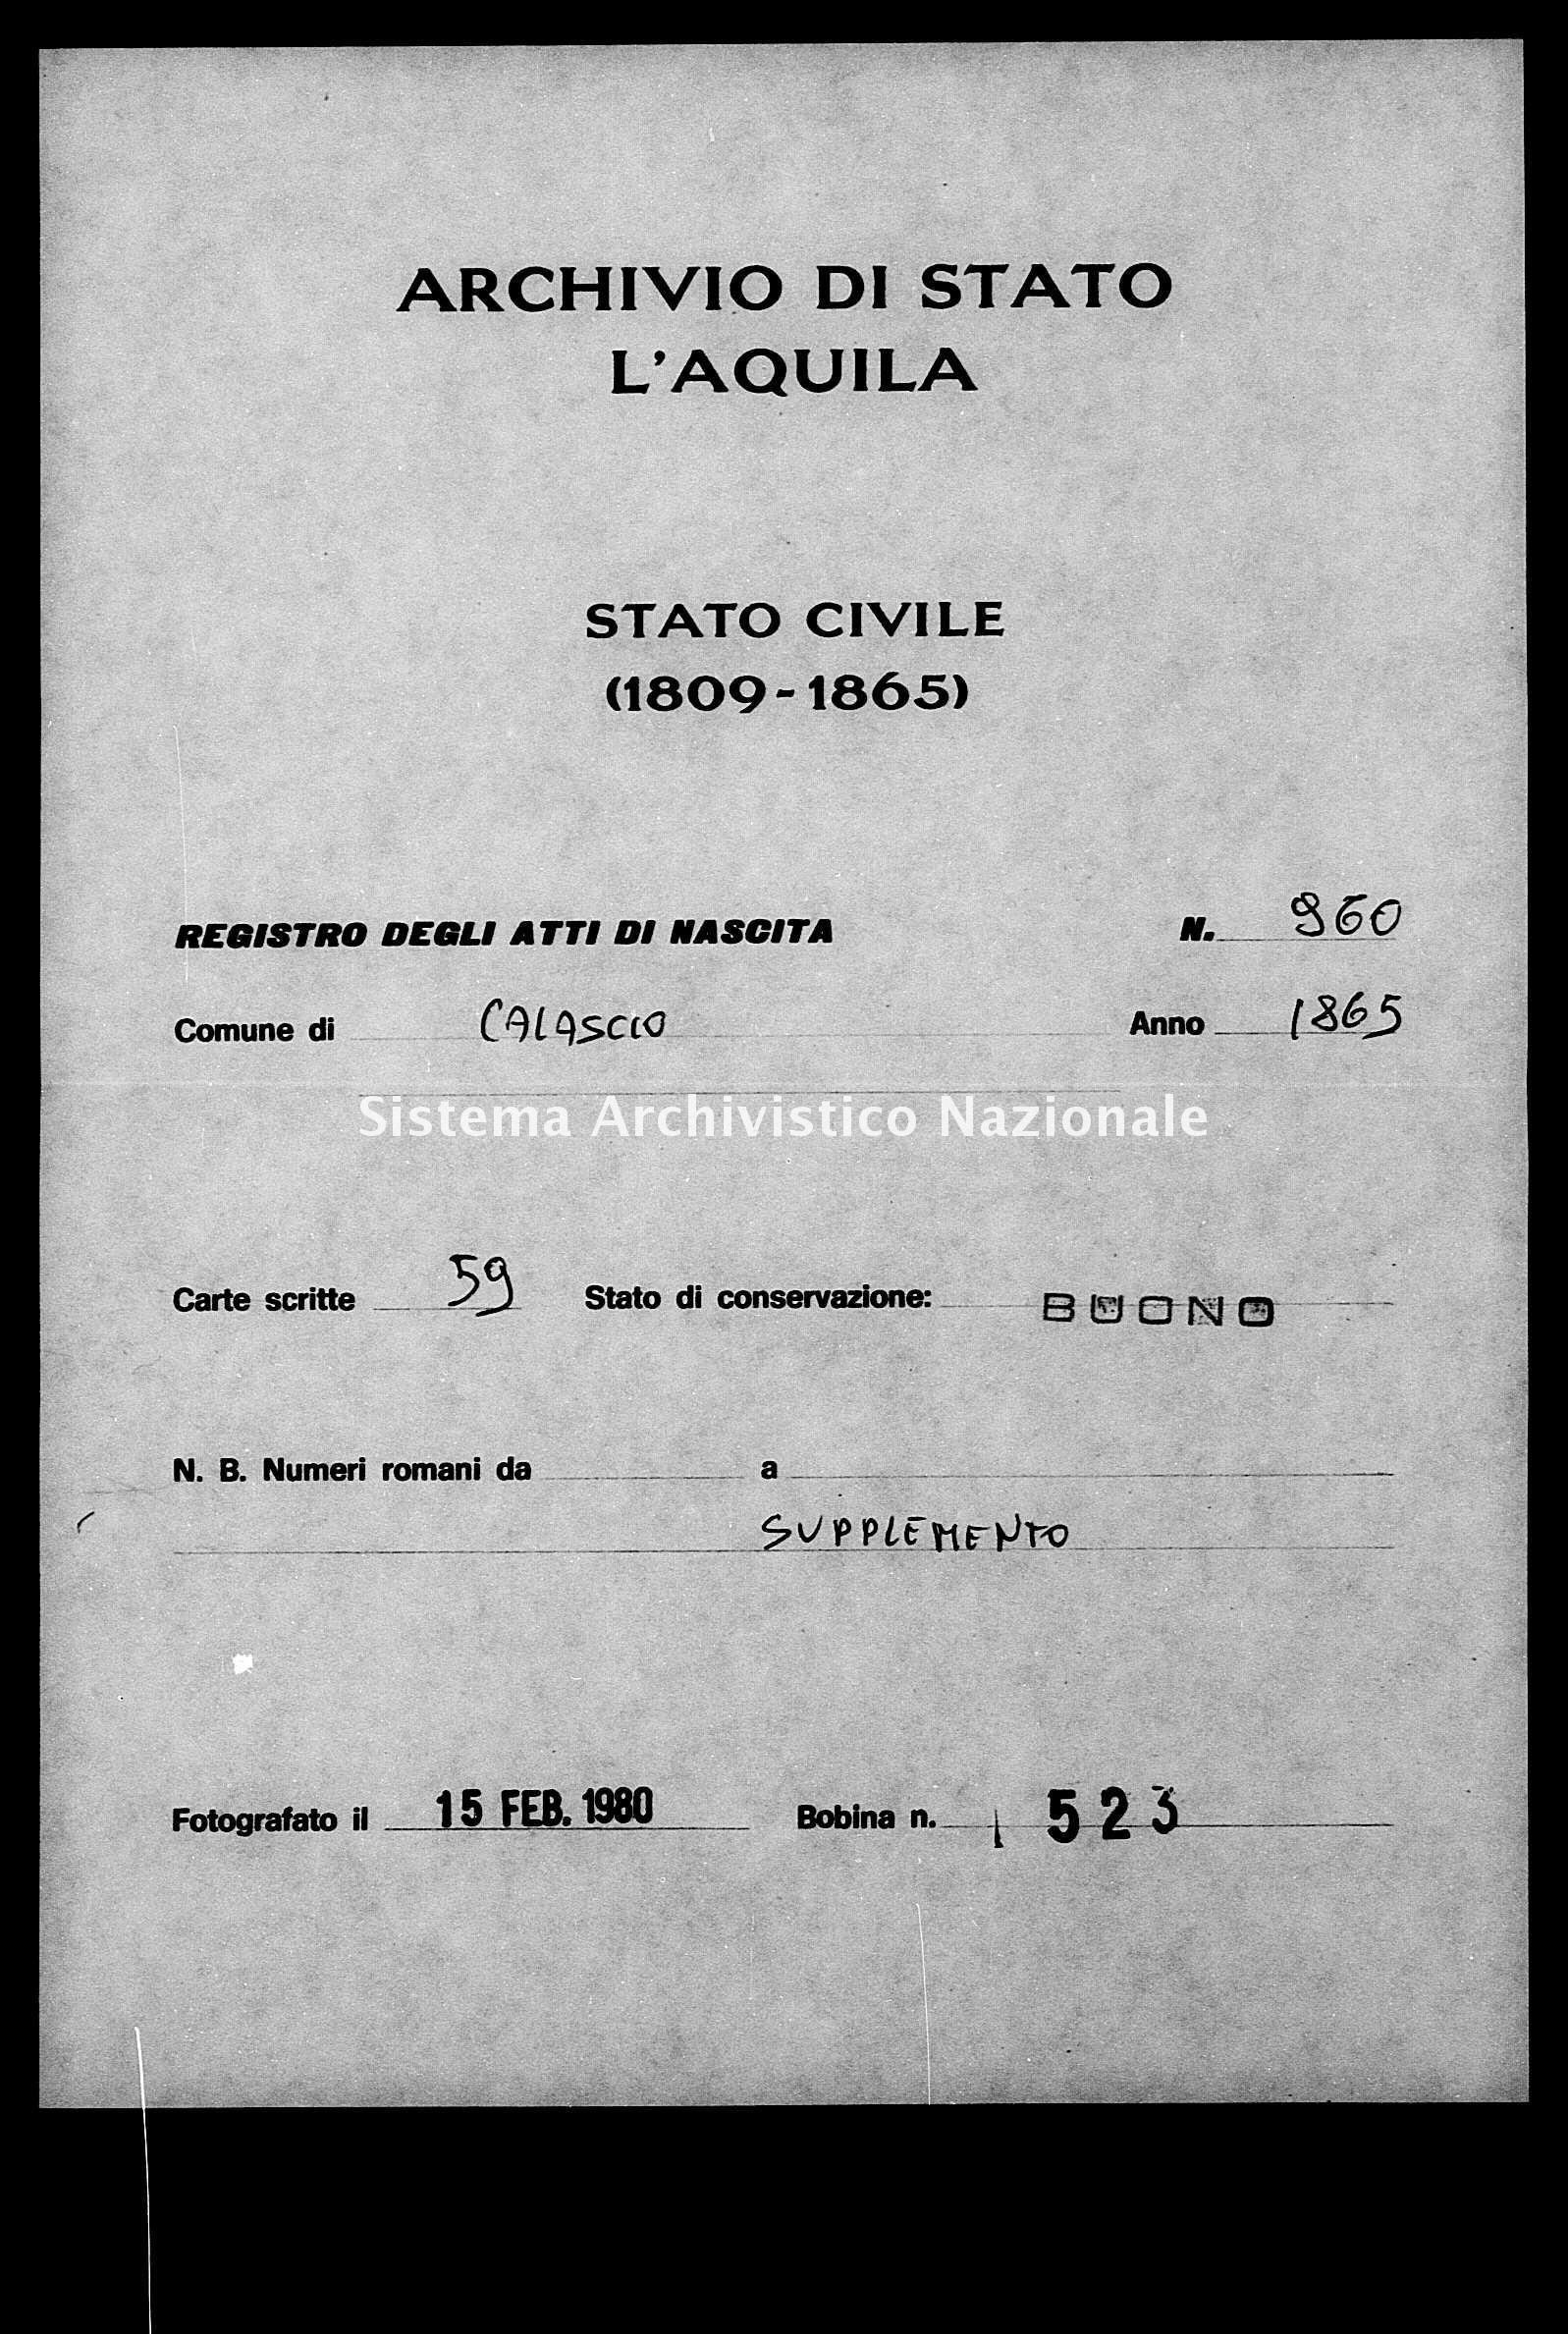 Archivio di stato di L'aquila - Stato civile italiano - Calascio - Nati, battesimi - 1865 - 960 -